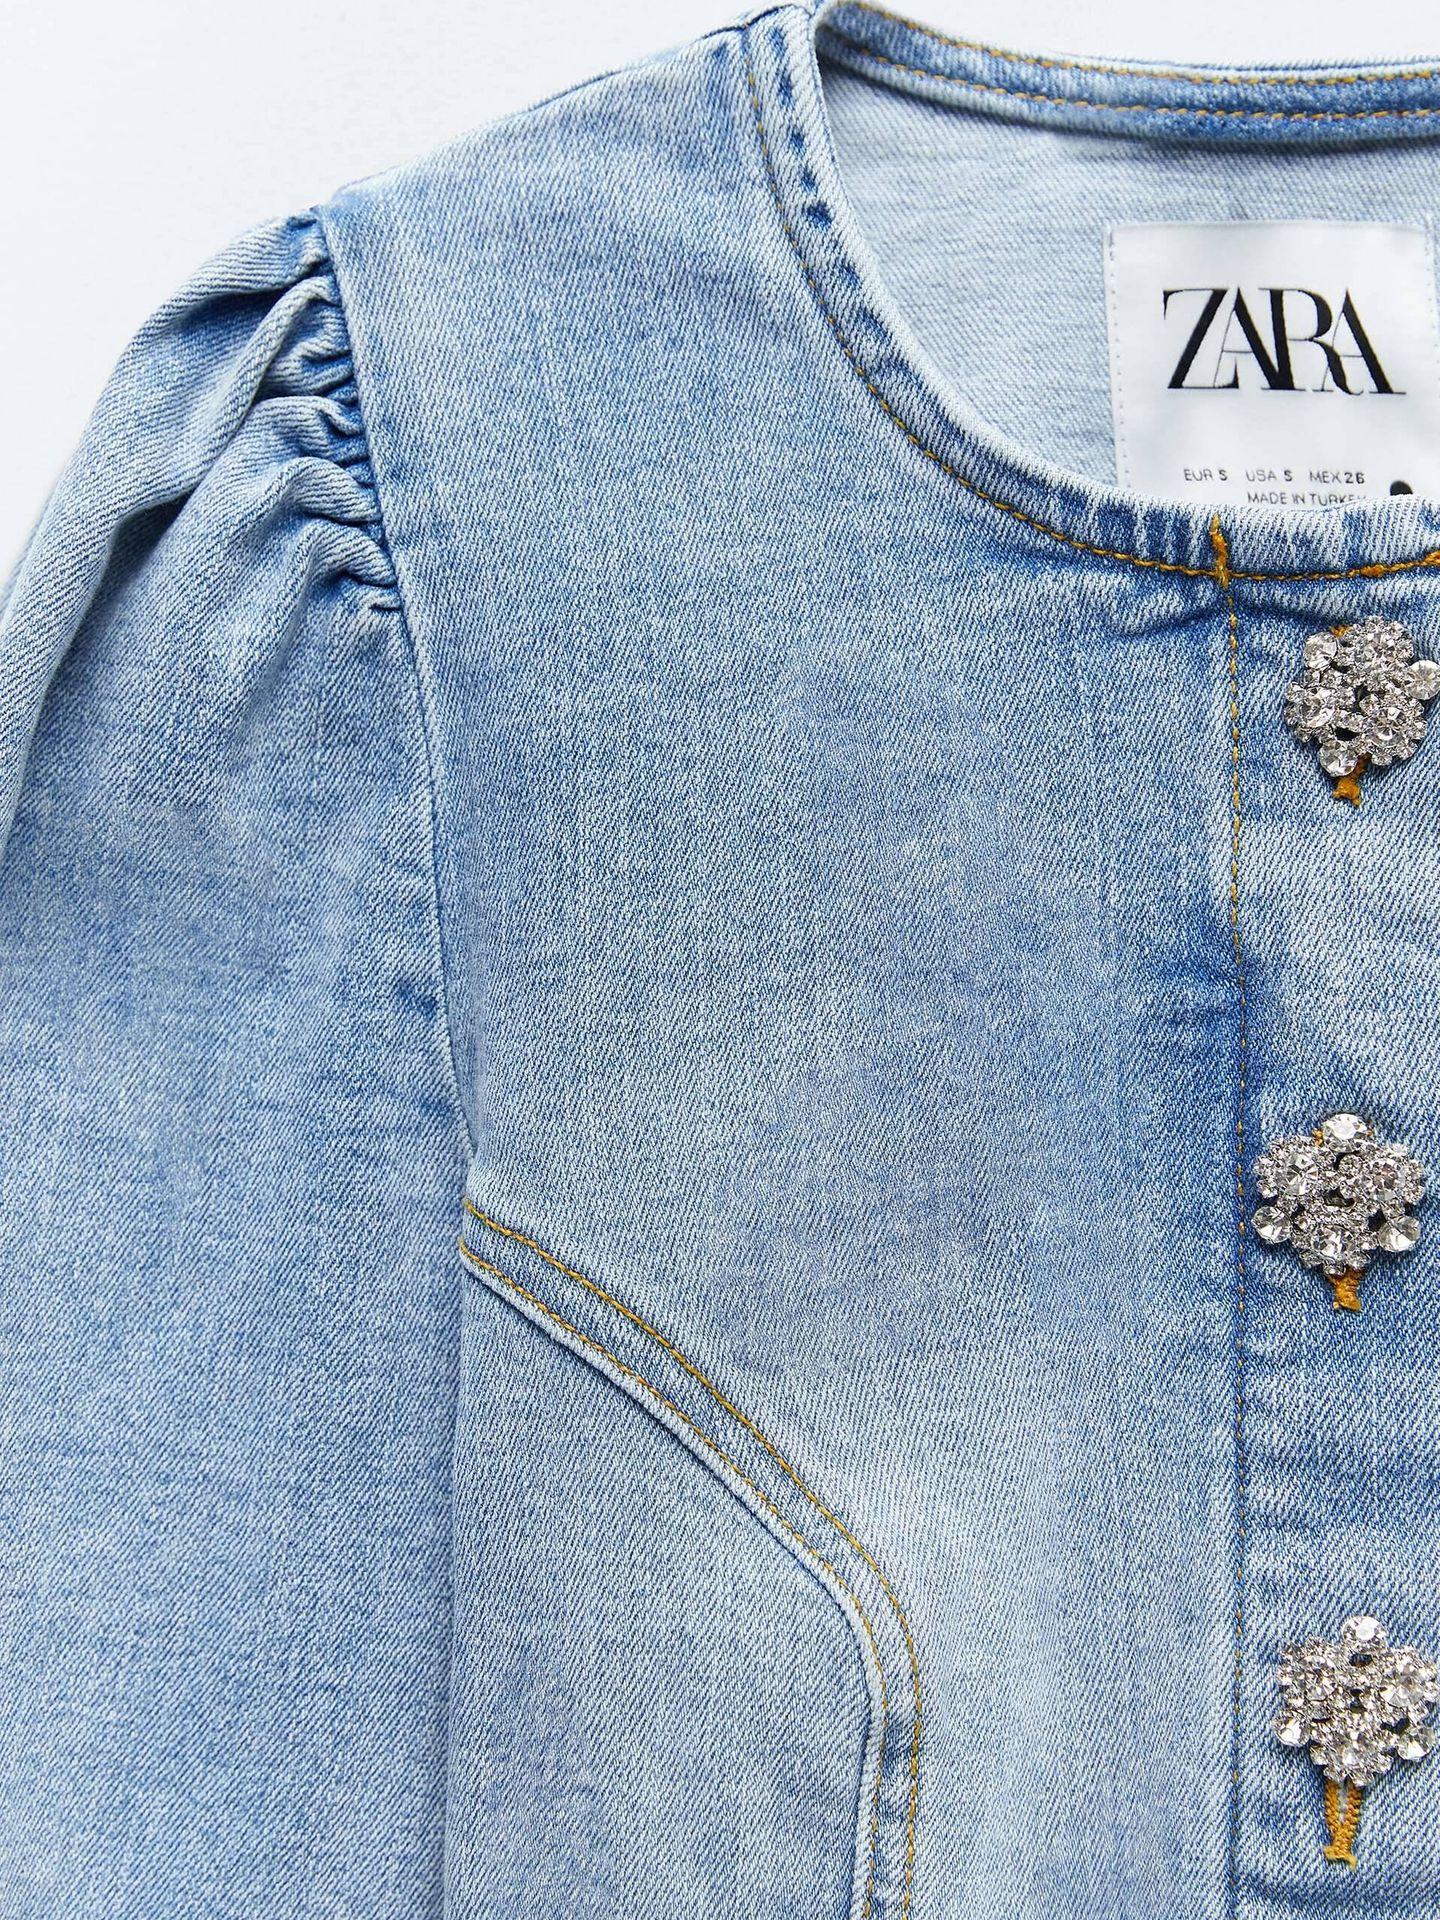 El conjunto denim de Zara. (Cortesía)